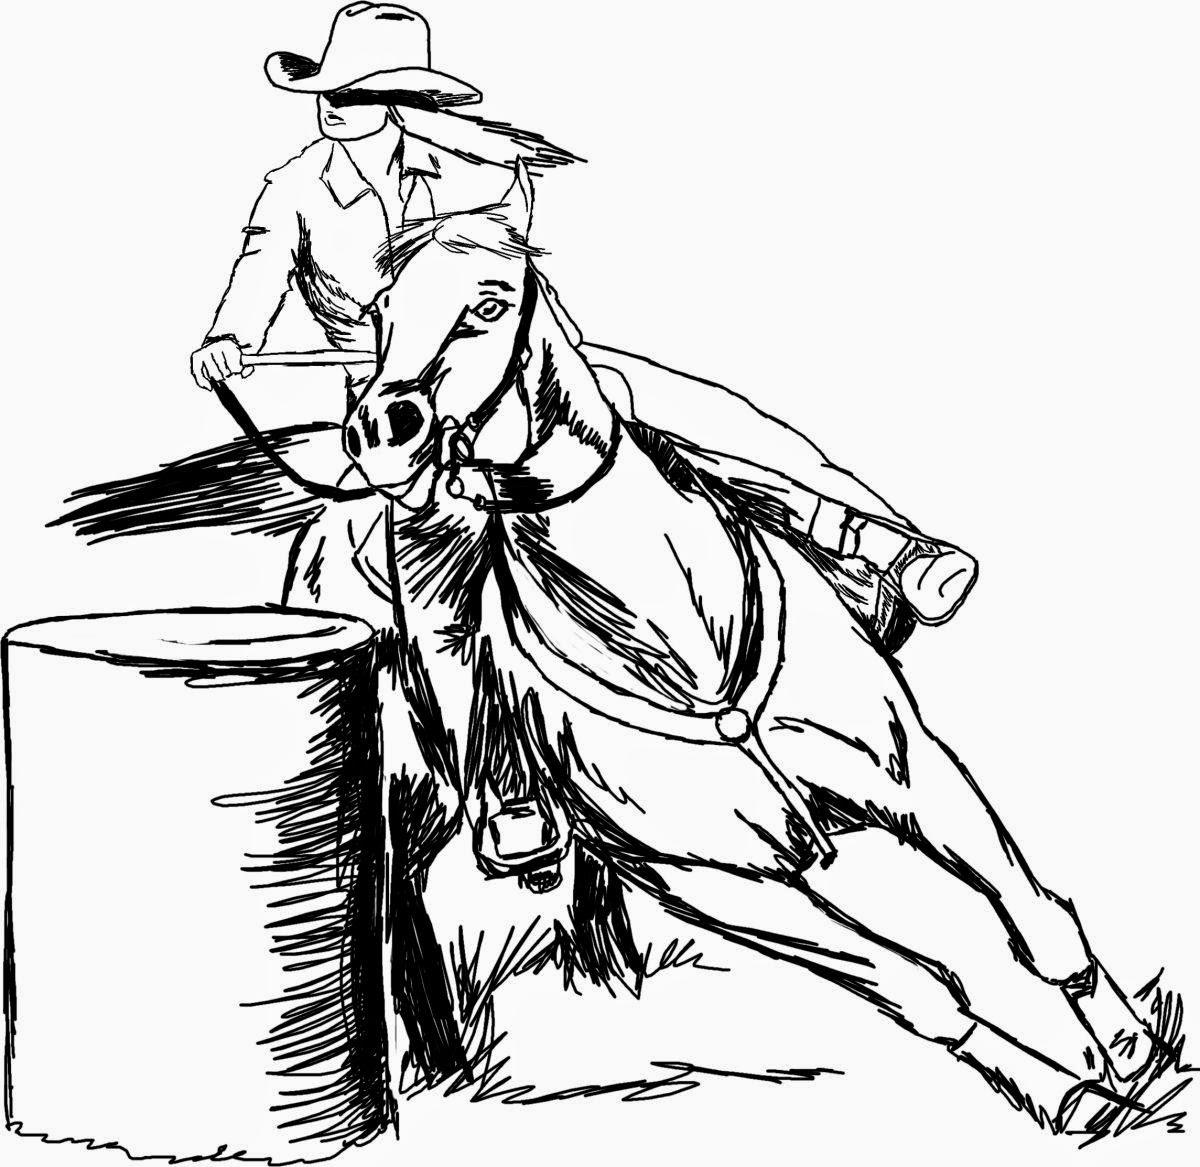 Foovay S 365 Horses February